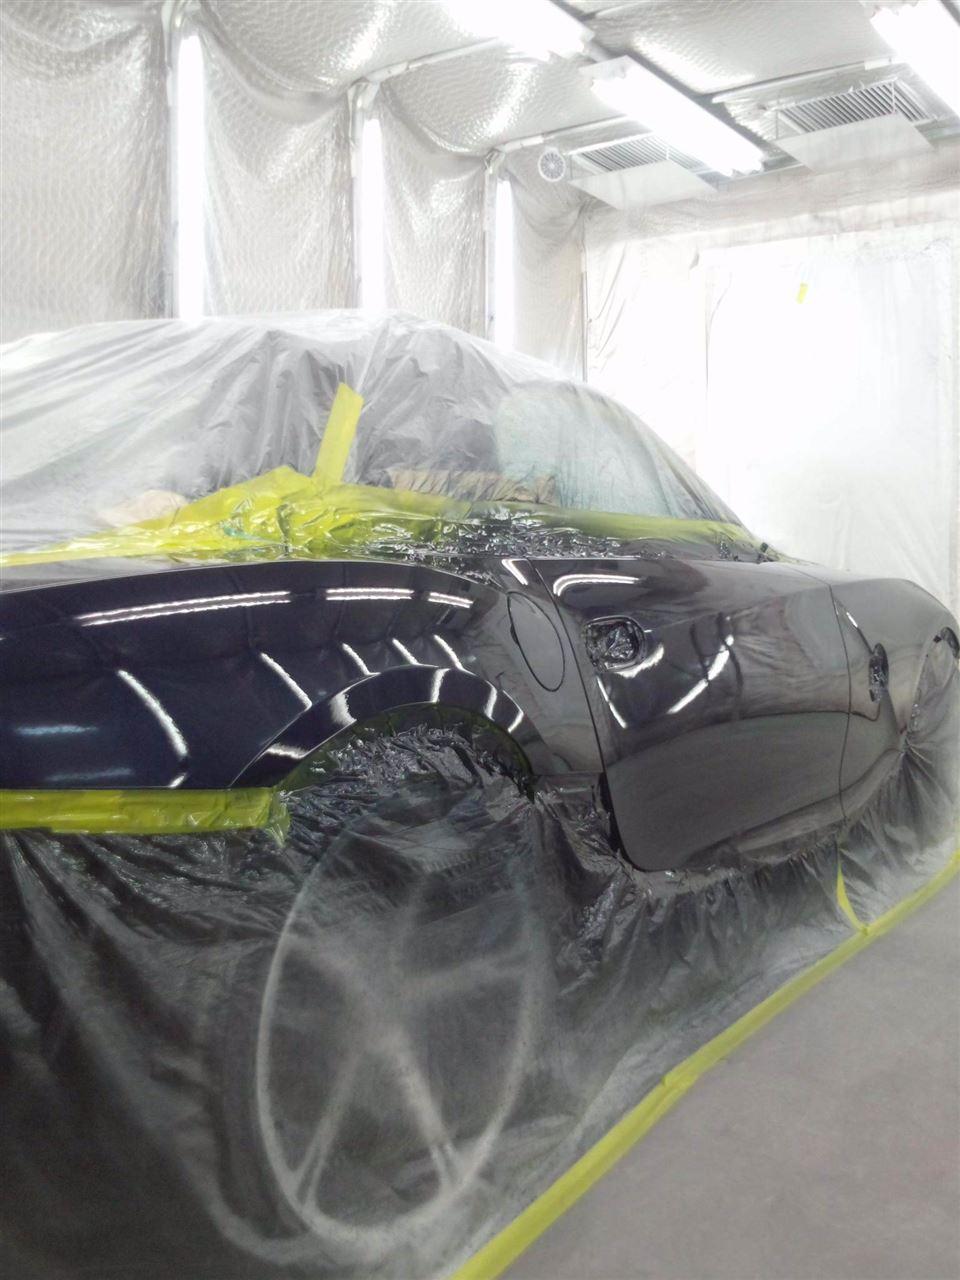 東京都立川市の車の板金塗装修理工場 ガレージローライドのBMW Z4 右側面のキズ へこみ の板金 修理 塗装 です。